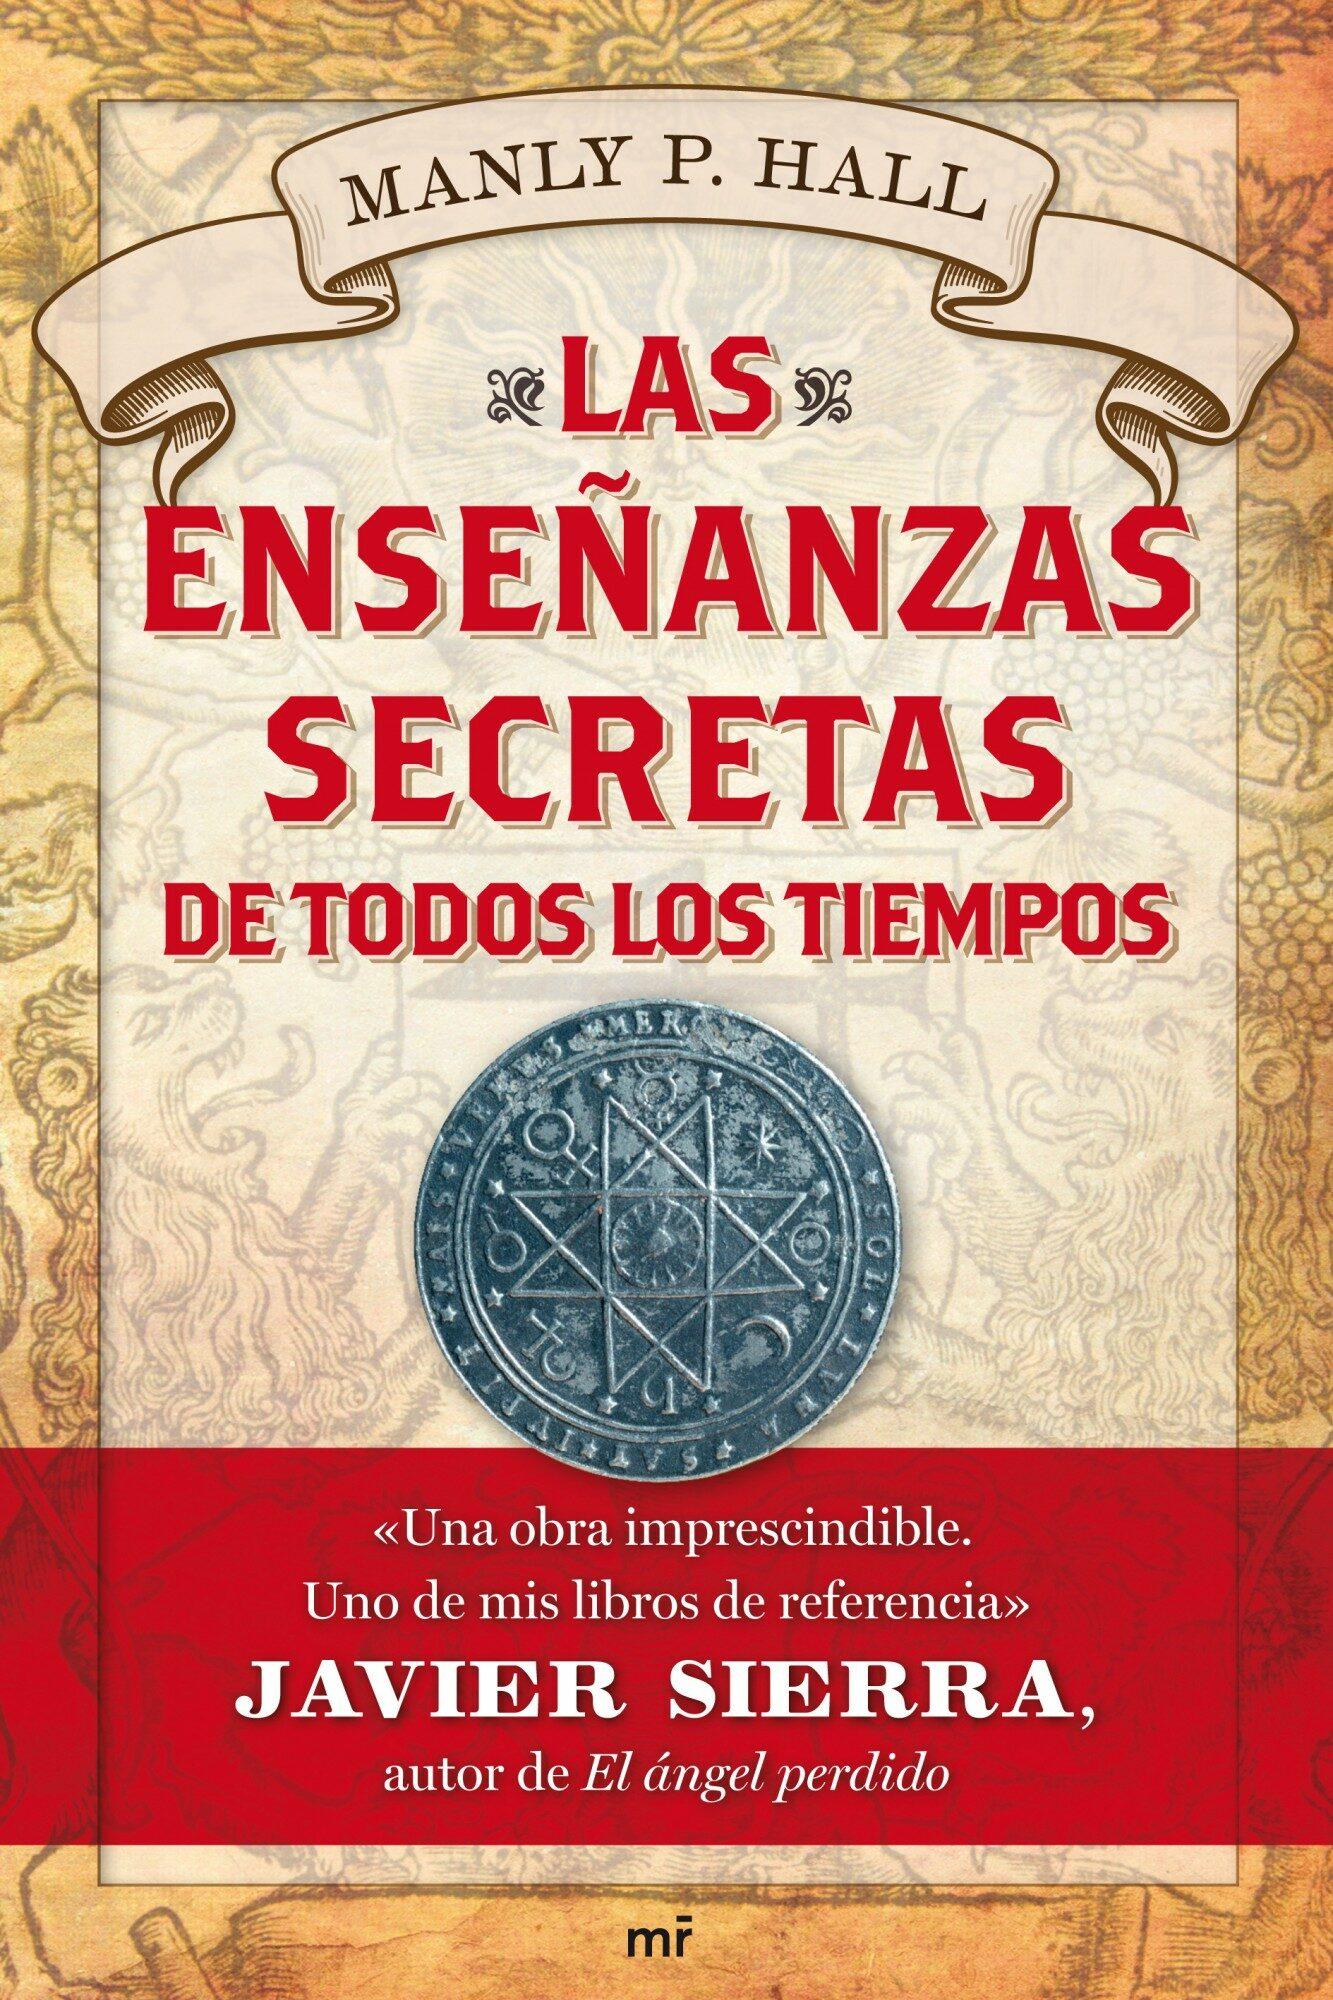 las enseñanzas secretas de todos los tiempos-manly p. hall-9788427036376